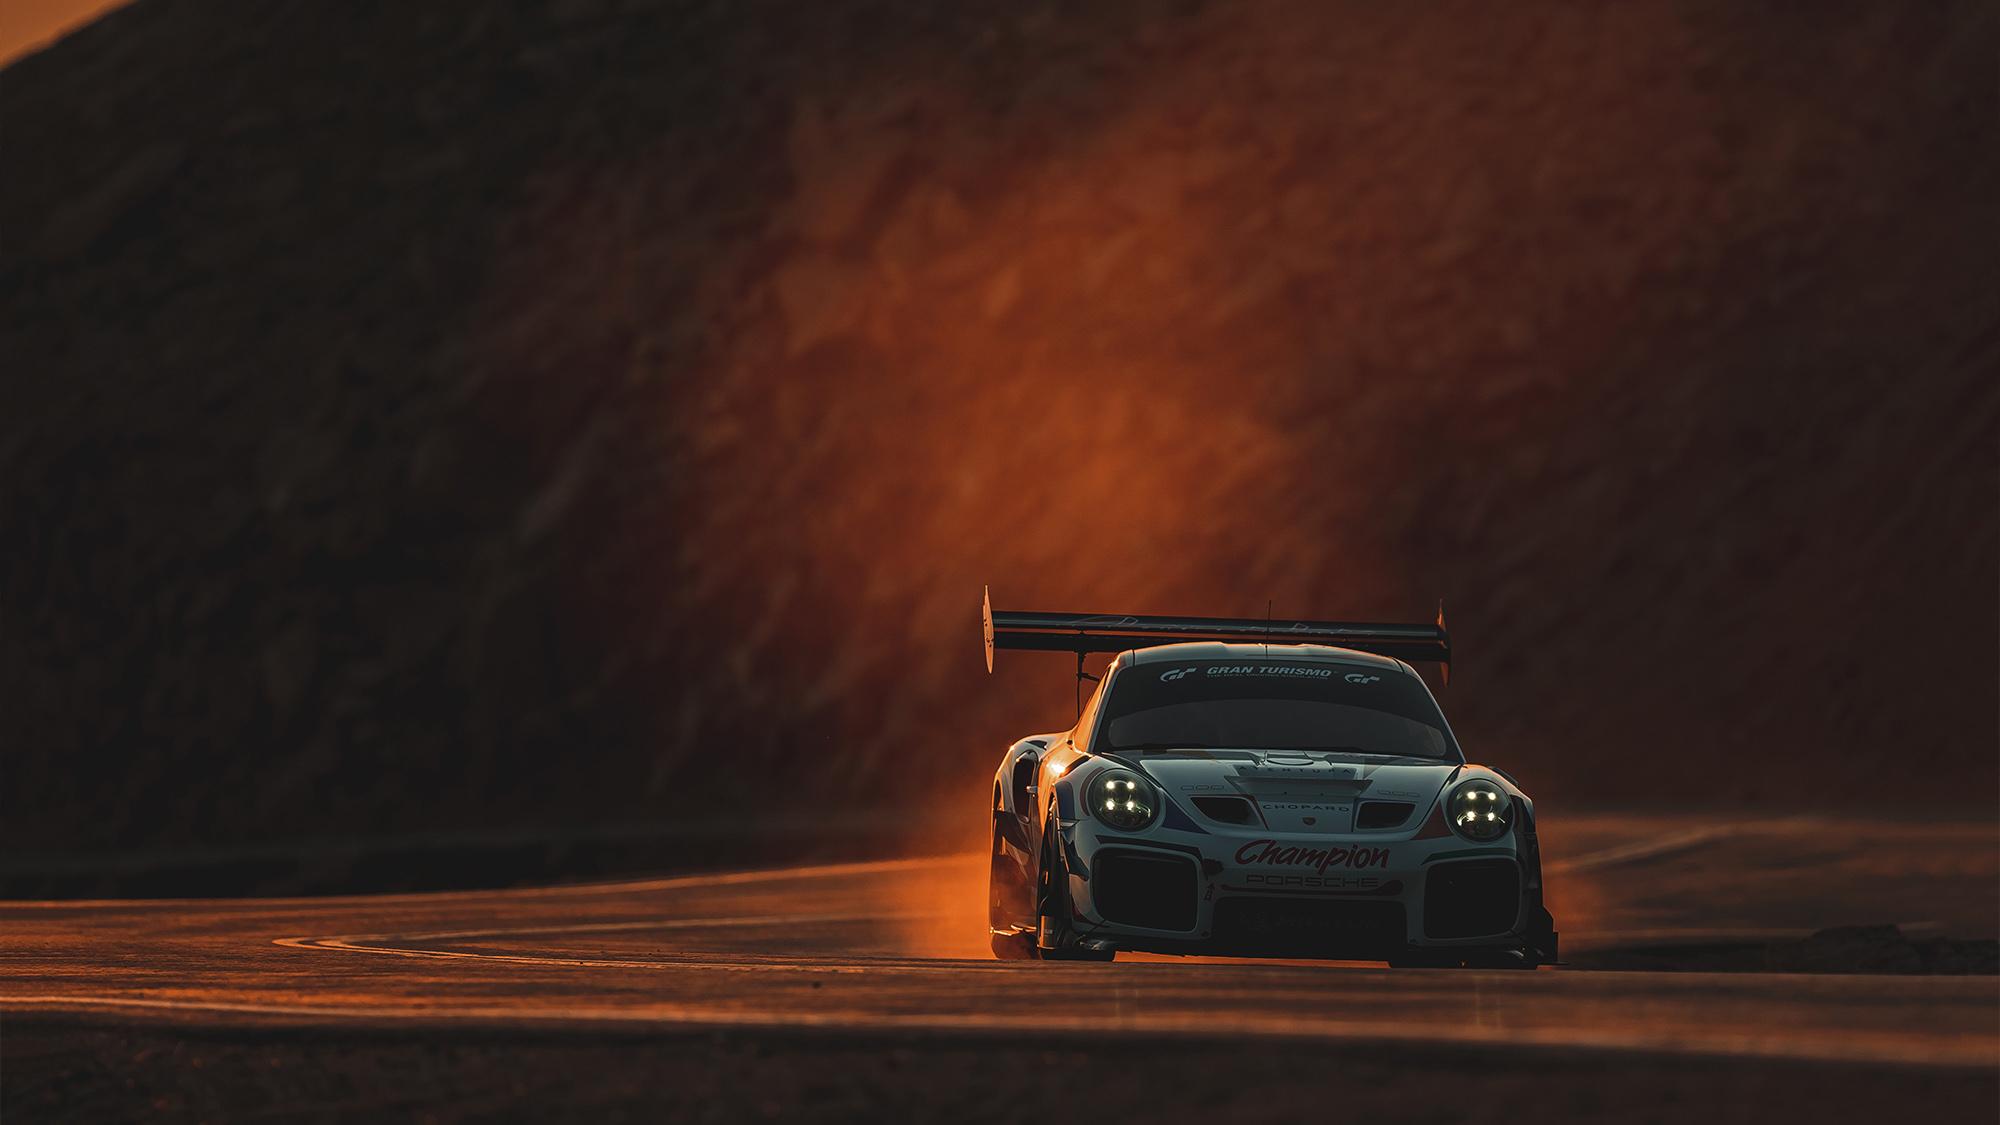 Porsche 911 of Romain Dumas on Pikes Peak in 2021